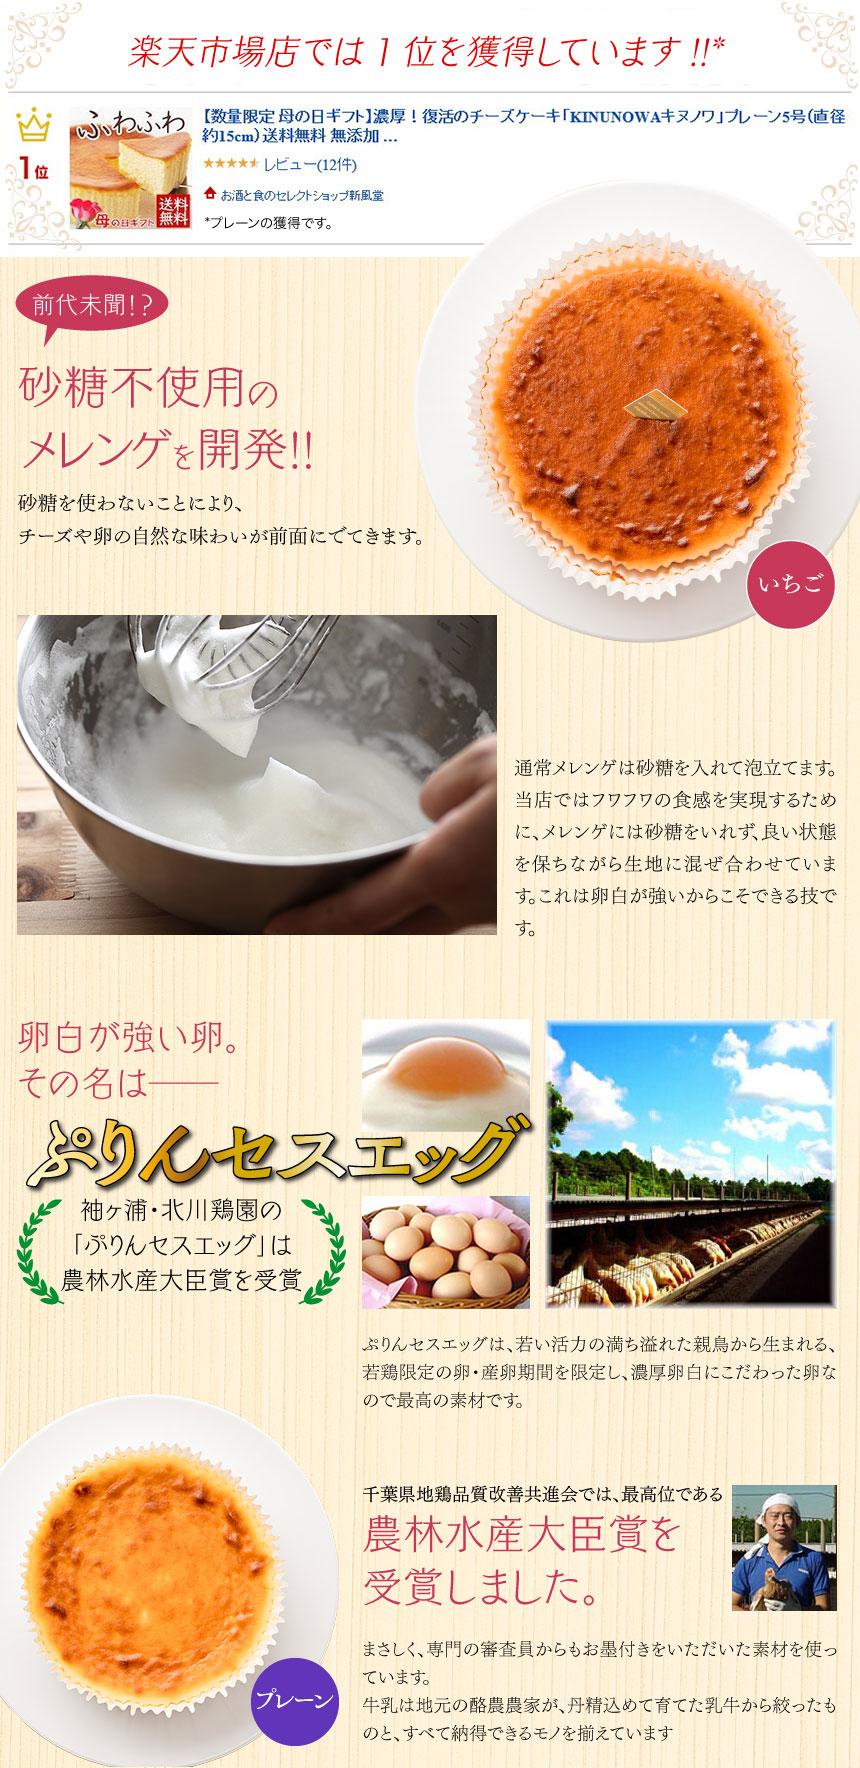 砂糖不使用のメレンゲを開発!!砂糖を使わないことにより、チーズや卵の自然な味わいが前面にでてきます。通常メレンゲは砂糖を入れて泡立てます。当店ではフワフワの食感を実現するために、メレンゲには砂糖をいれず、良い状態を保ちながら生地に混ぜ合わせています。これは卵白が強いからこそできる技です。卵白が強い卵。その名は──ぷりんセスエッグぷりんセスエッグは、若い活力の満ち溢れた親鳥から生まれる、若鶏限定の卵・産卵期間を限定し、濃厚卵白にこだわった卵なので最高の素材です。千葉県地鶏品質改善共進会では、最高位である農林水産大臣賞を受賞しました。まさしく、専門の審査員からもお墨付きをいただいた素材を使っています。牛乳は地元の酪農農家が、丹精込めて育てた乳牛から絞ったものと、すべて納得できるモノを揃えています